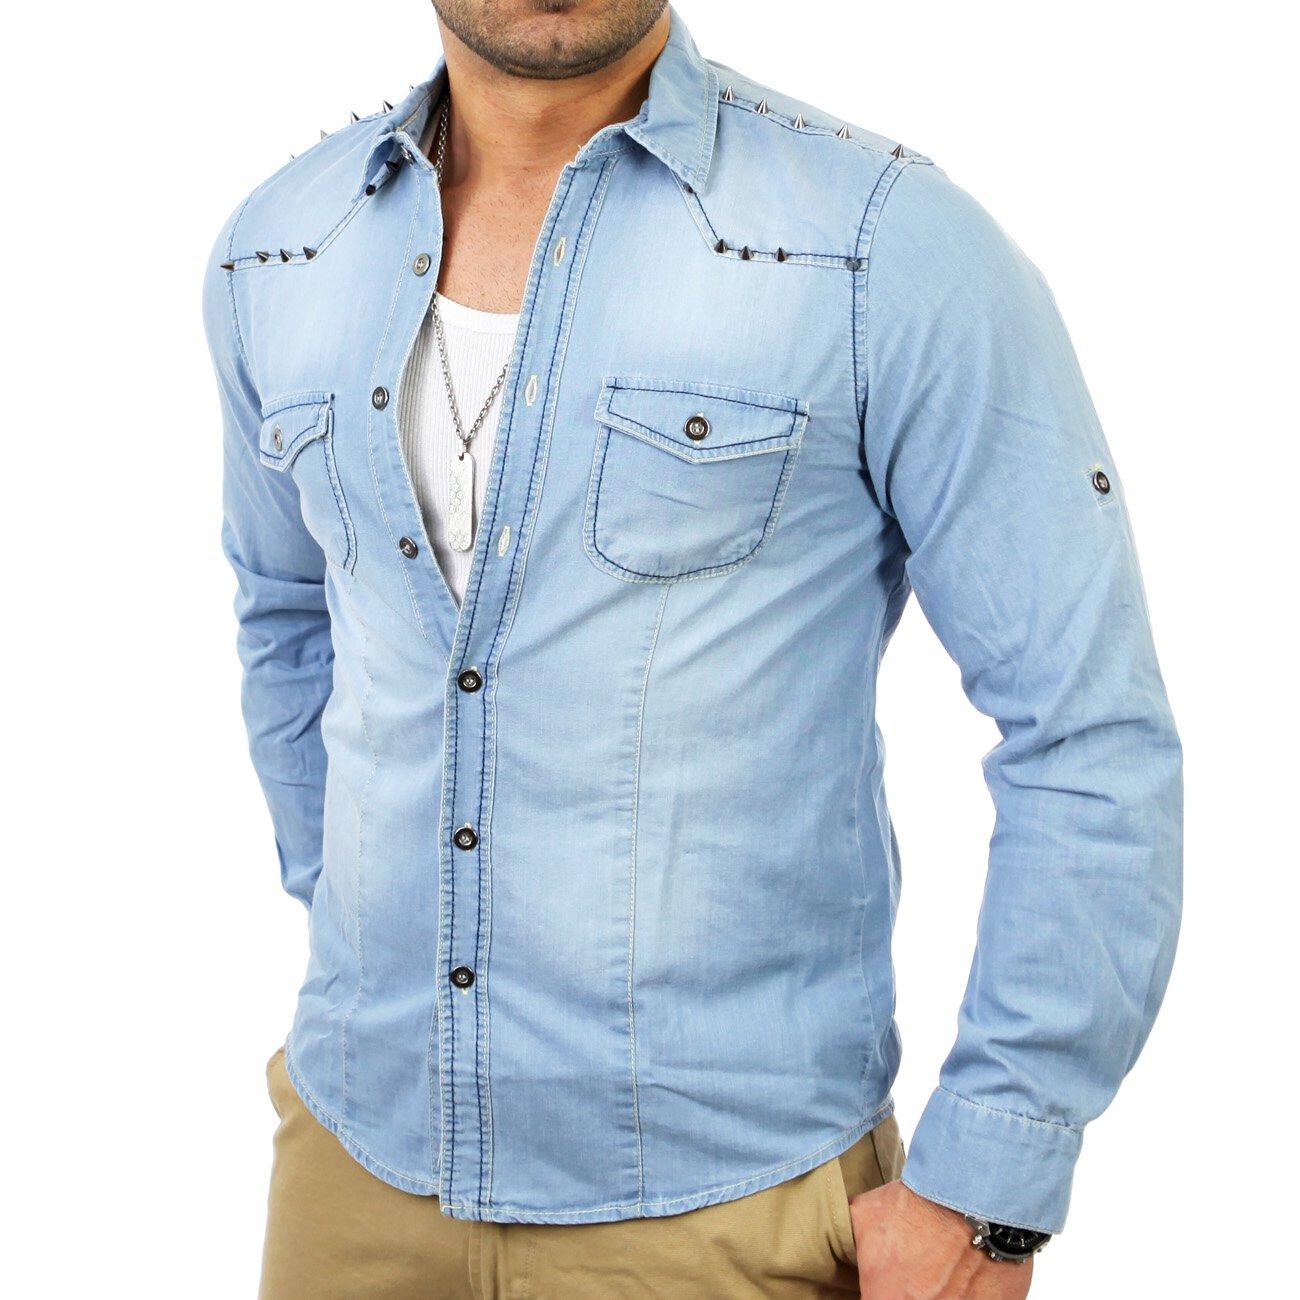 jeanshemd herren nieten langarm reslad hemden online. Black Bedroom Furniture Sets. Home Design Ideas